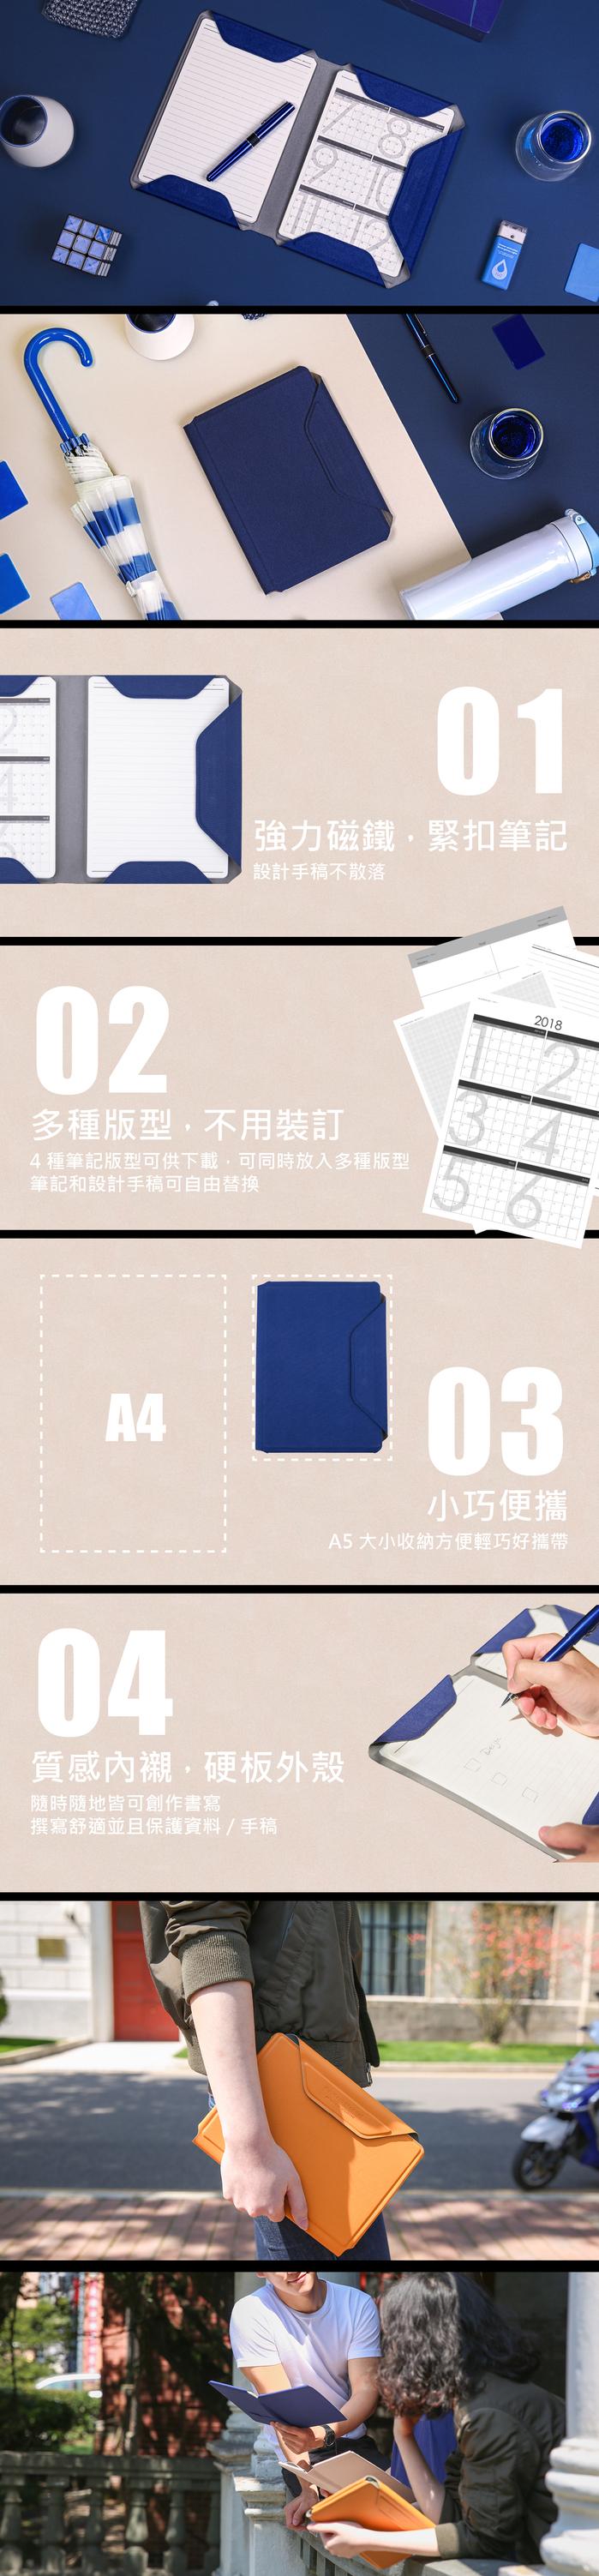 (複製)Allocacoc | NoteBook Modular 迷你百搭筆記本 - 灰色